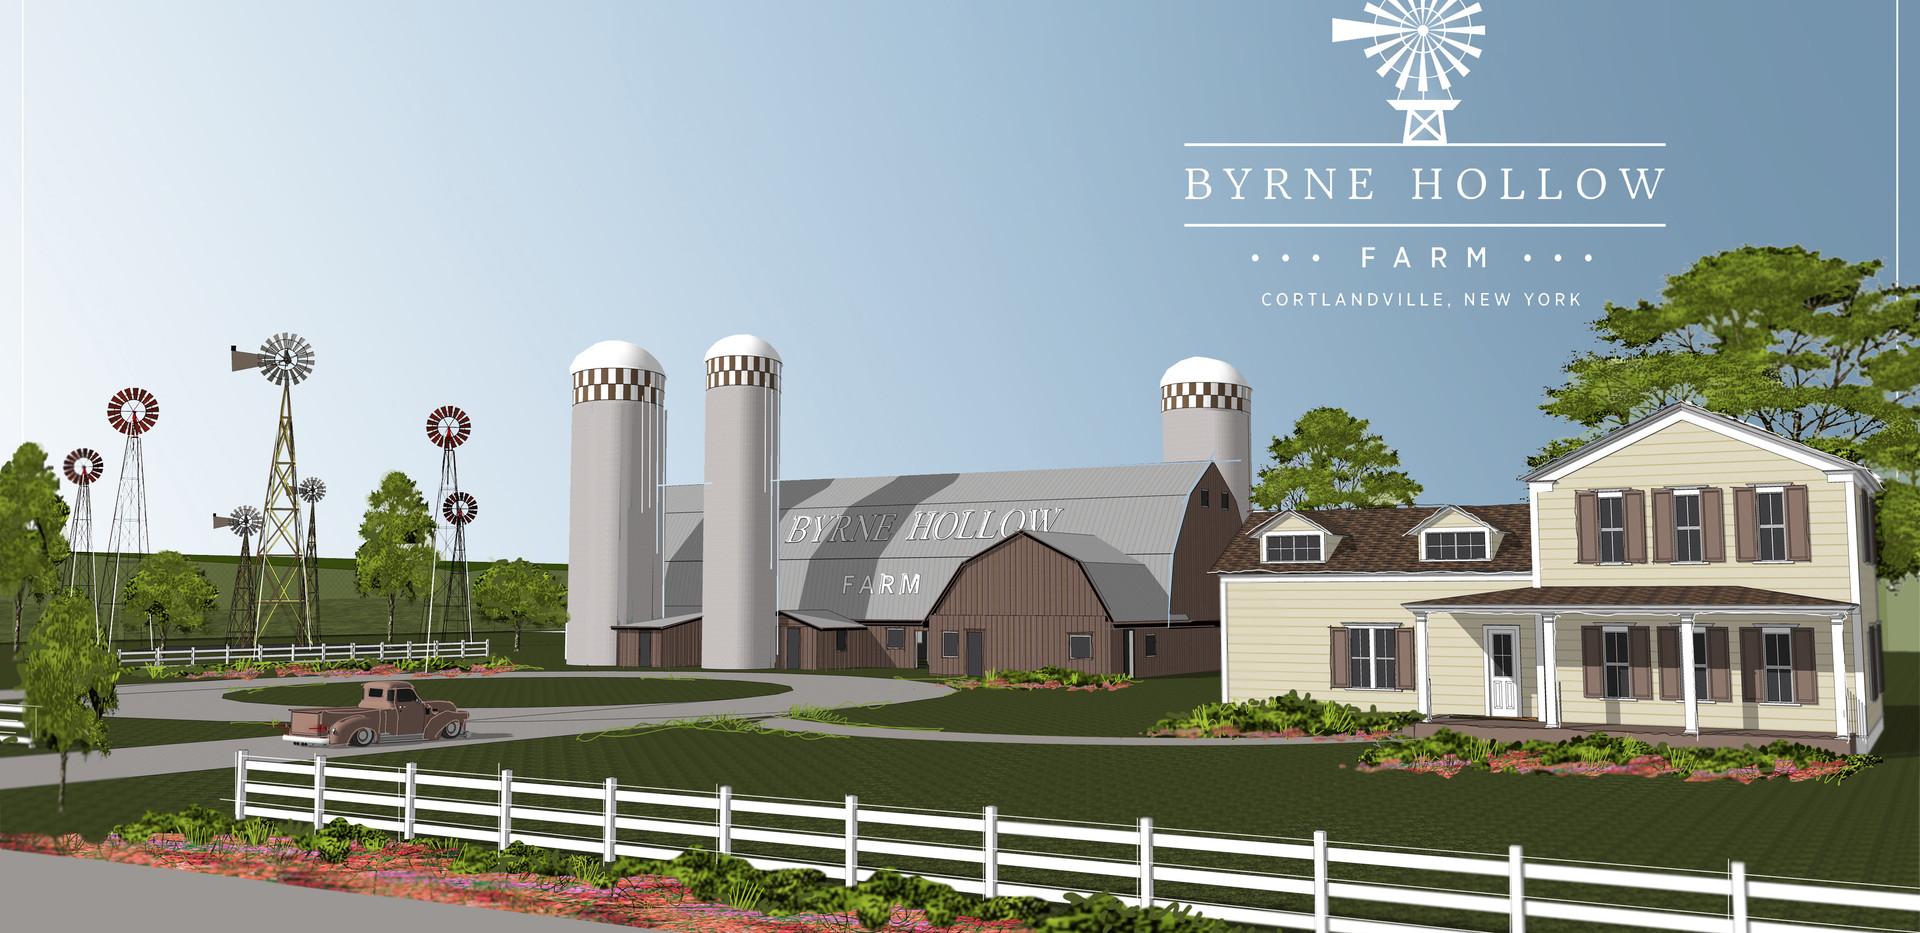 Byrne Hollow Farm & House_Ramsgard